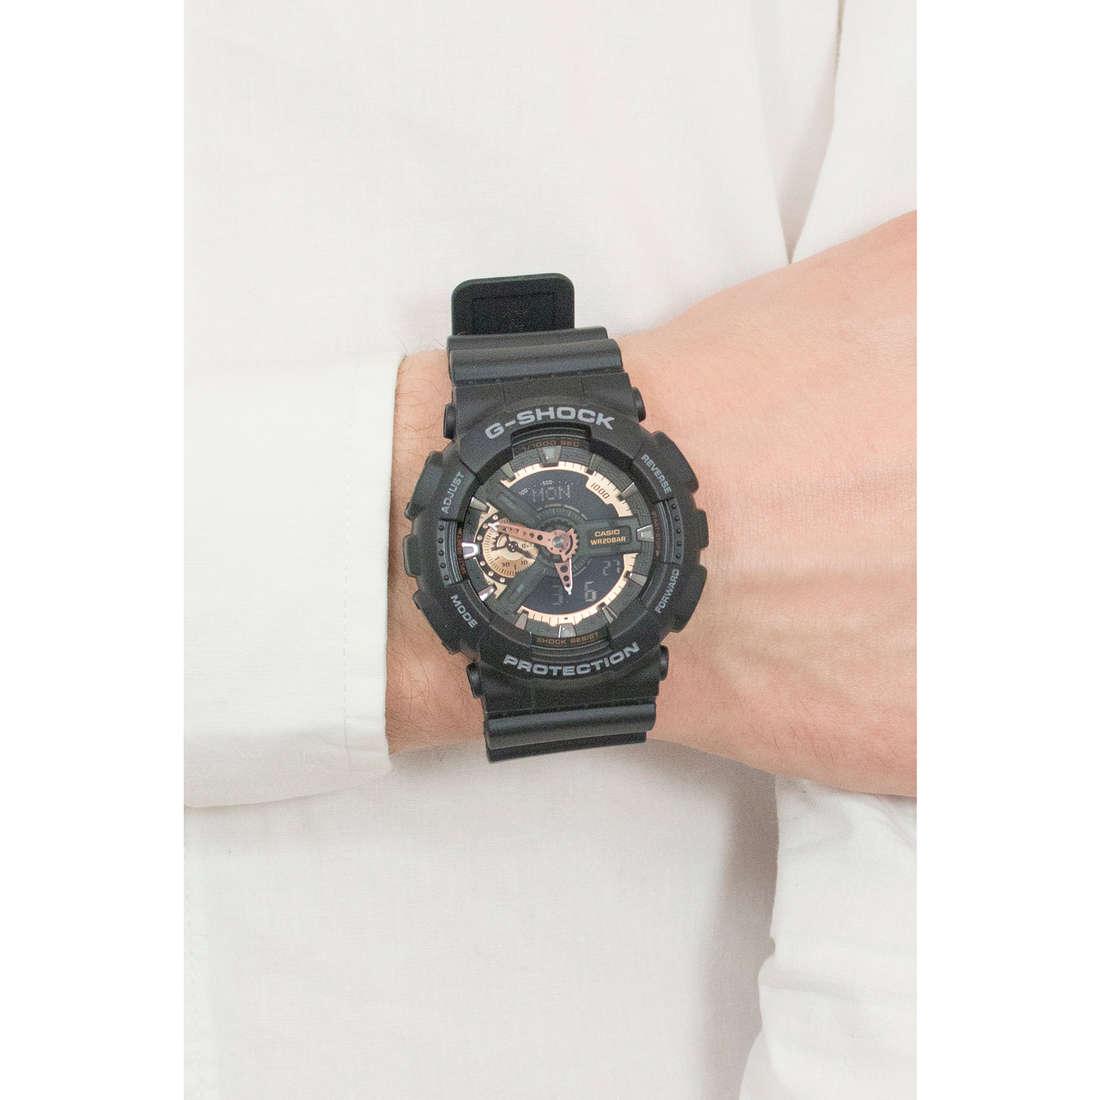 Casio numériques G-Shock homme GA-110RG-1AER photo wearing